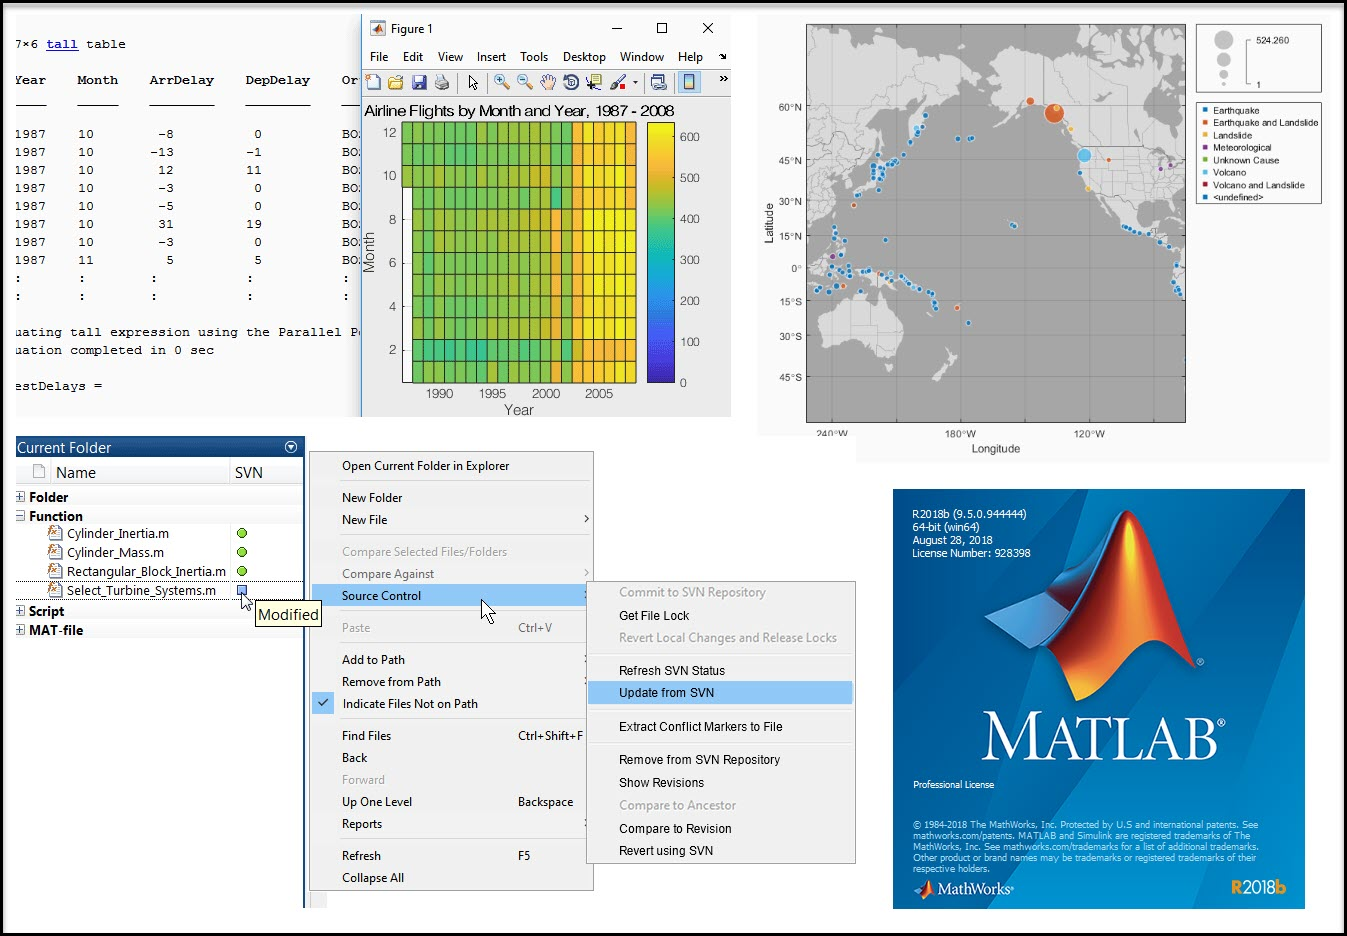 Matlab 2018 download crack torrent | MATLAB R2018a Full Crack [Linux